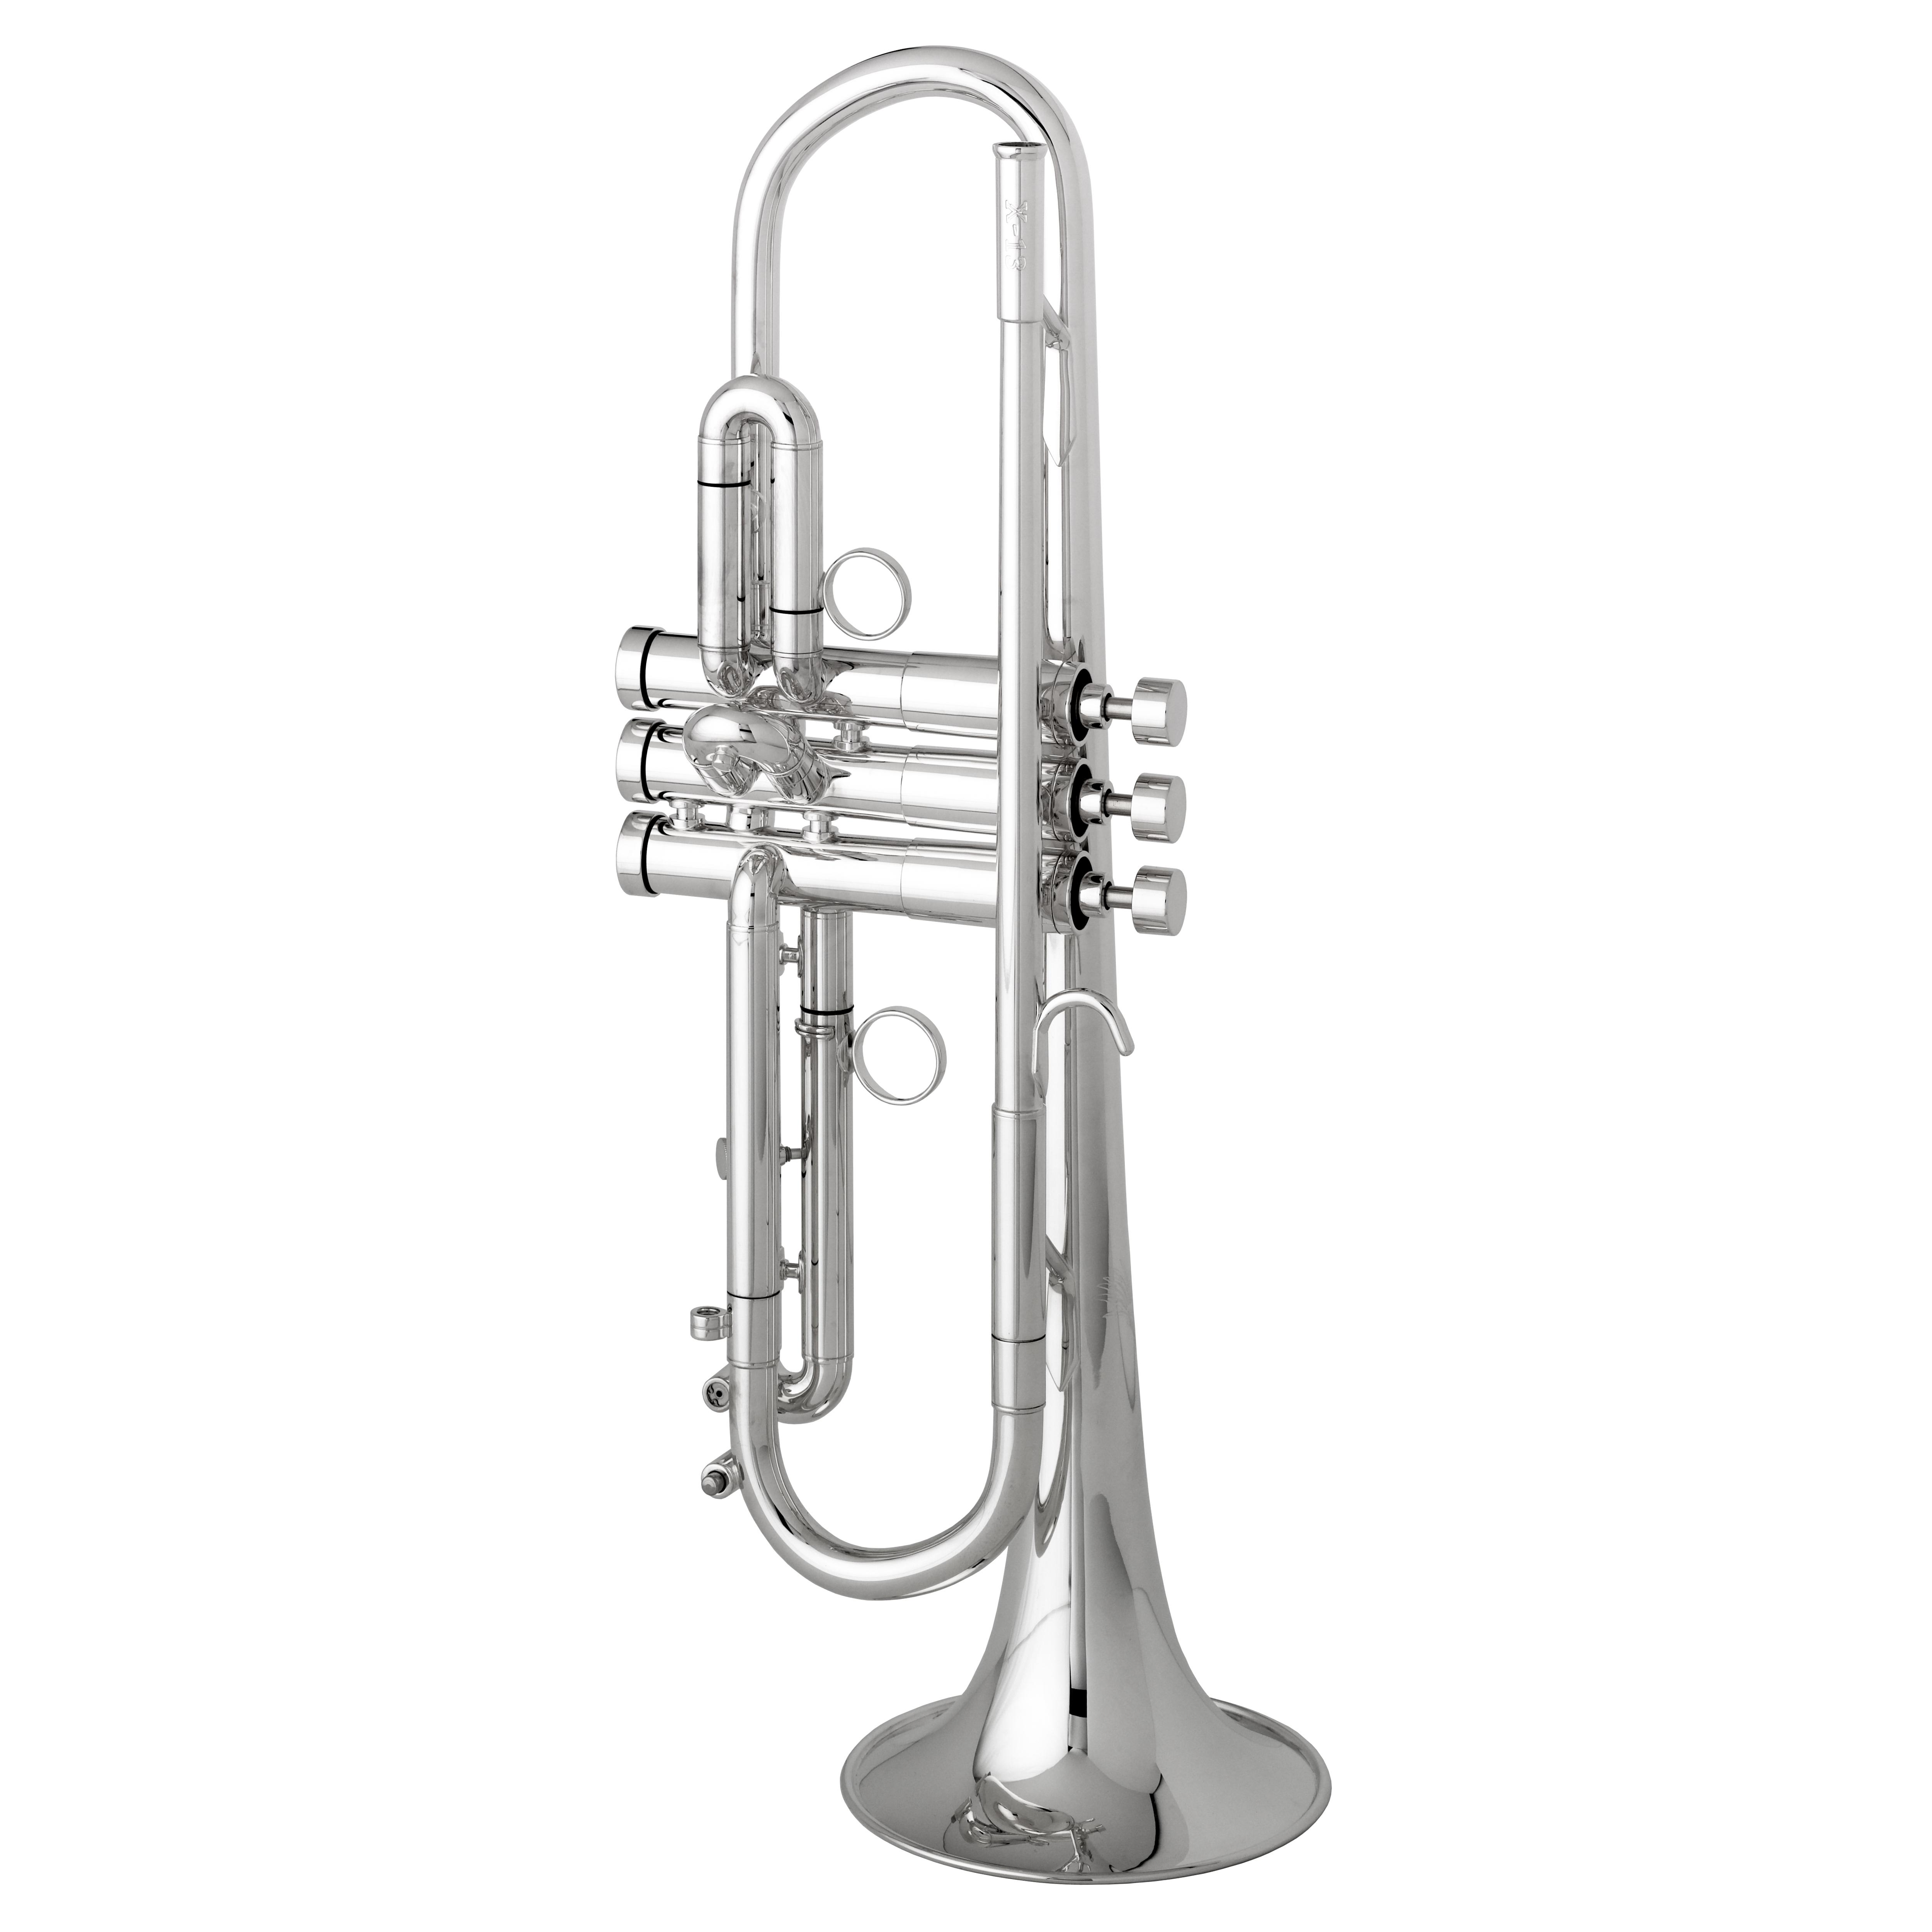 Edwards - X - 13 - S - Blechblasinstrumente - Trompeten mit Perinet-Ventilen | MUSIK BERTRAM Deutschland Freiburg